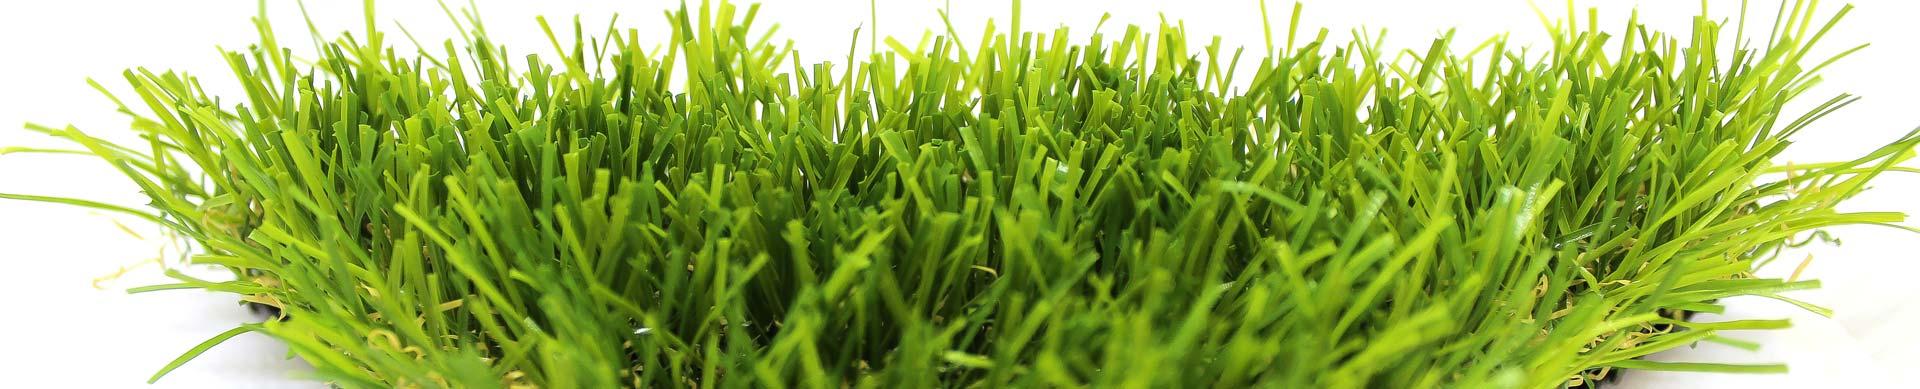 דשא סינתטי מדגם פרפקט פלוס